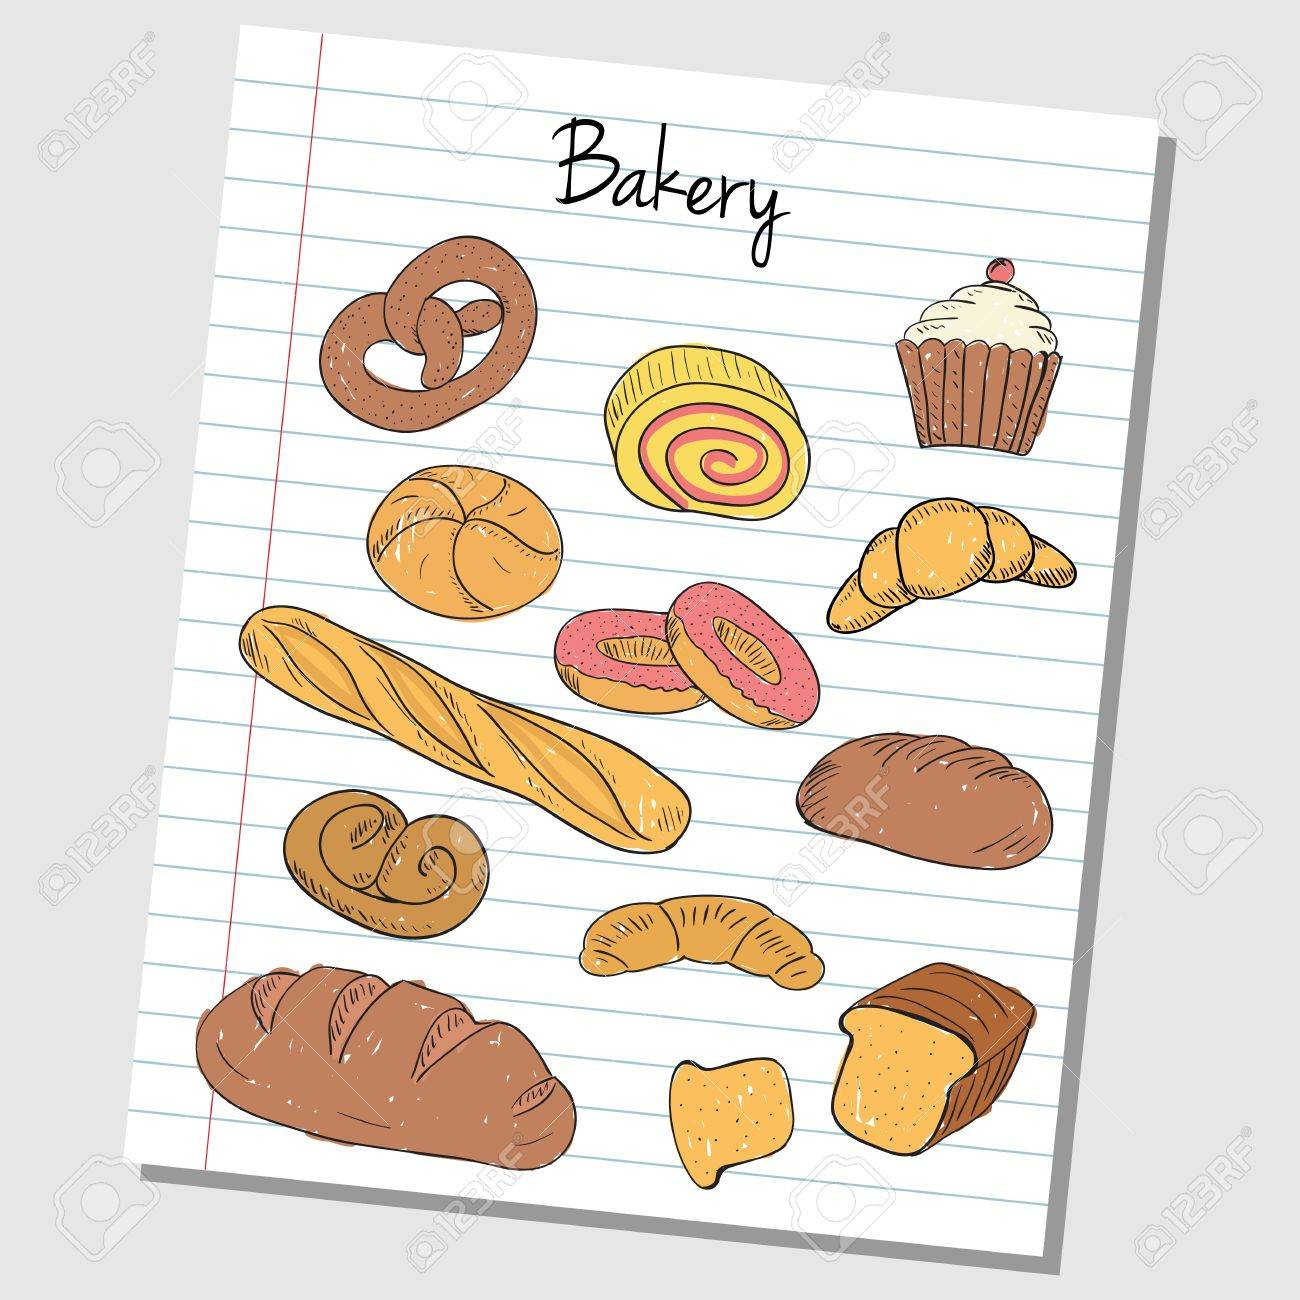 パン屋さんのイラストにいたずら書きを着色紙の裏地のイラスト素材